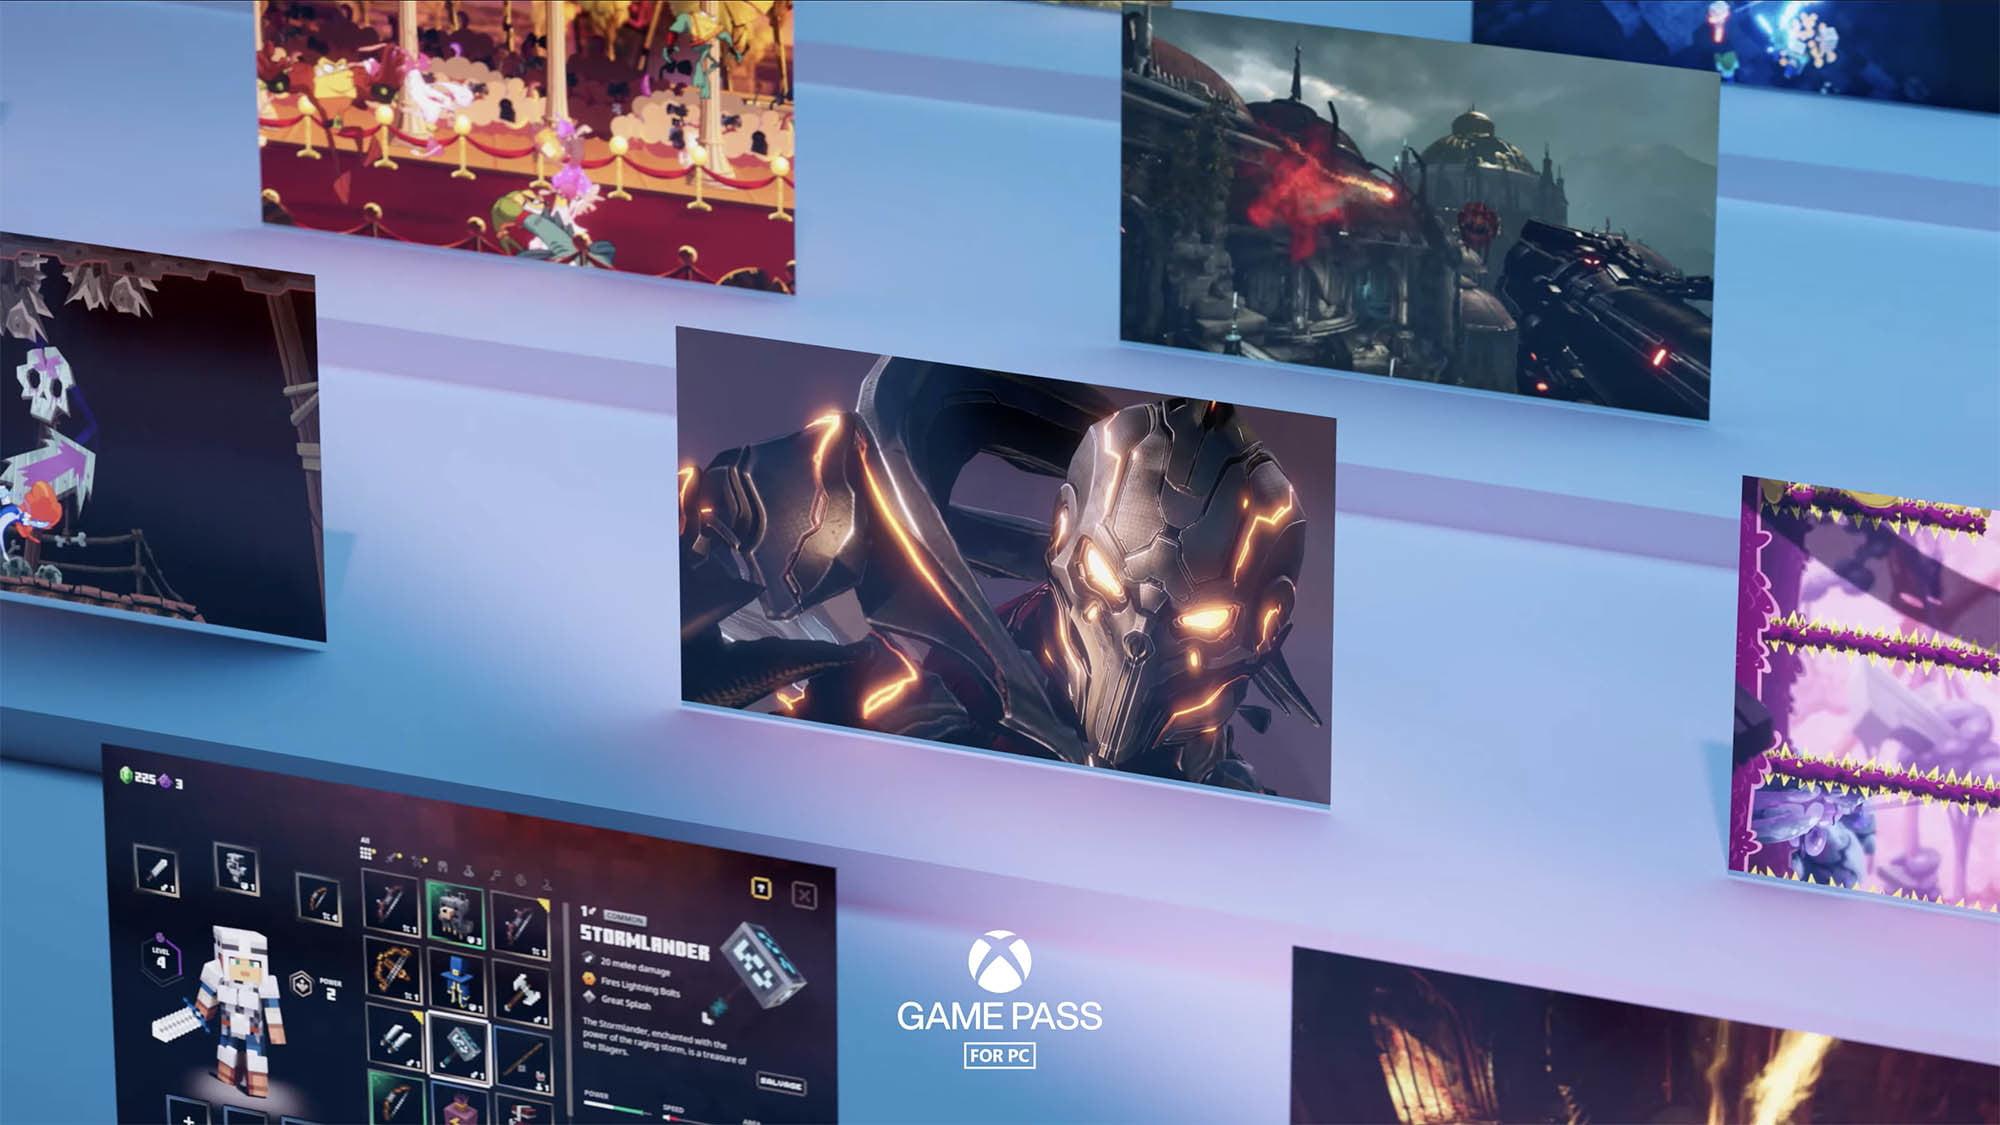 Множество игр для PC добавляют в Microsoft Store перед релизом Windows 11